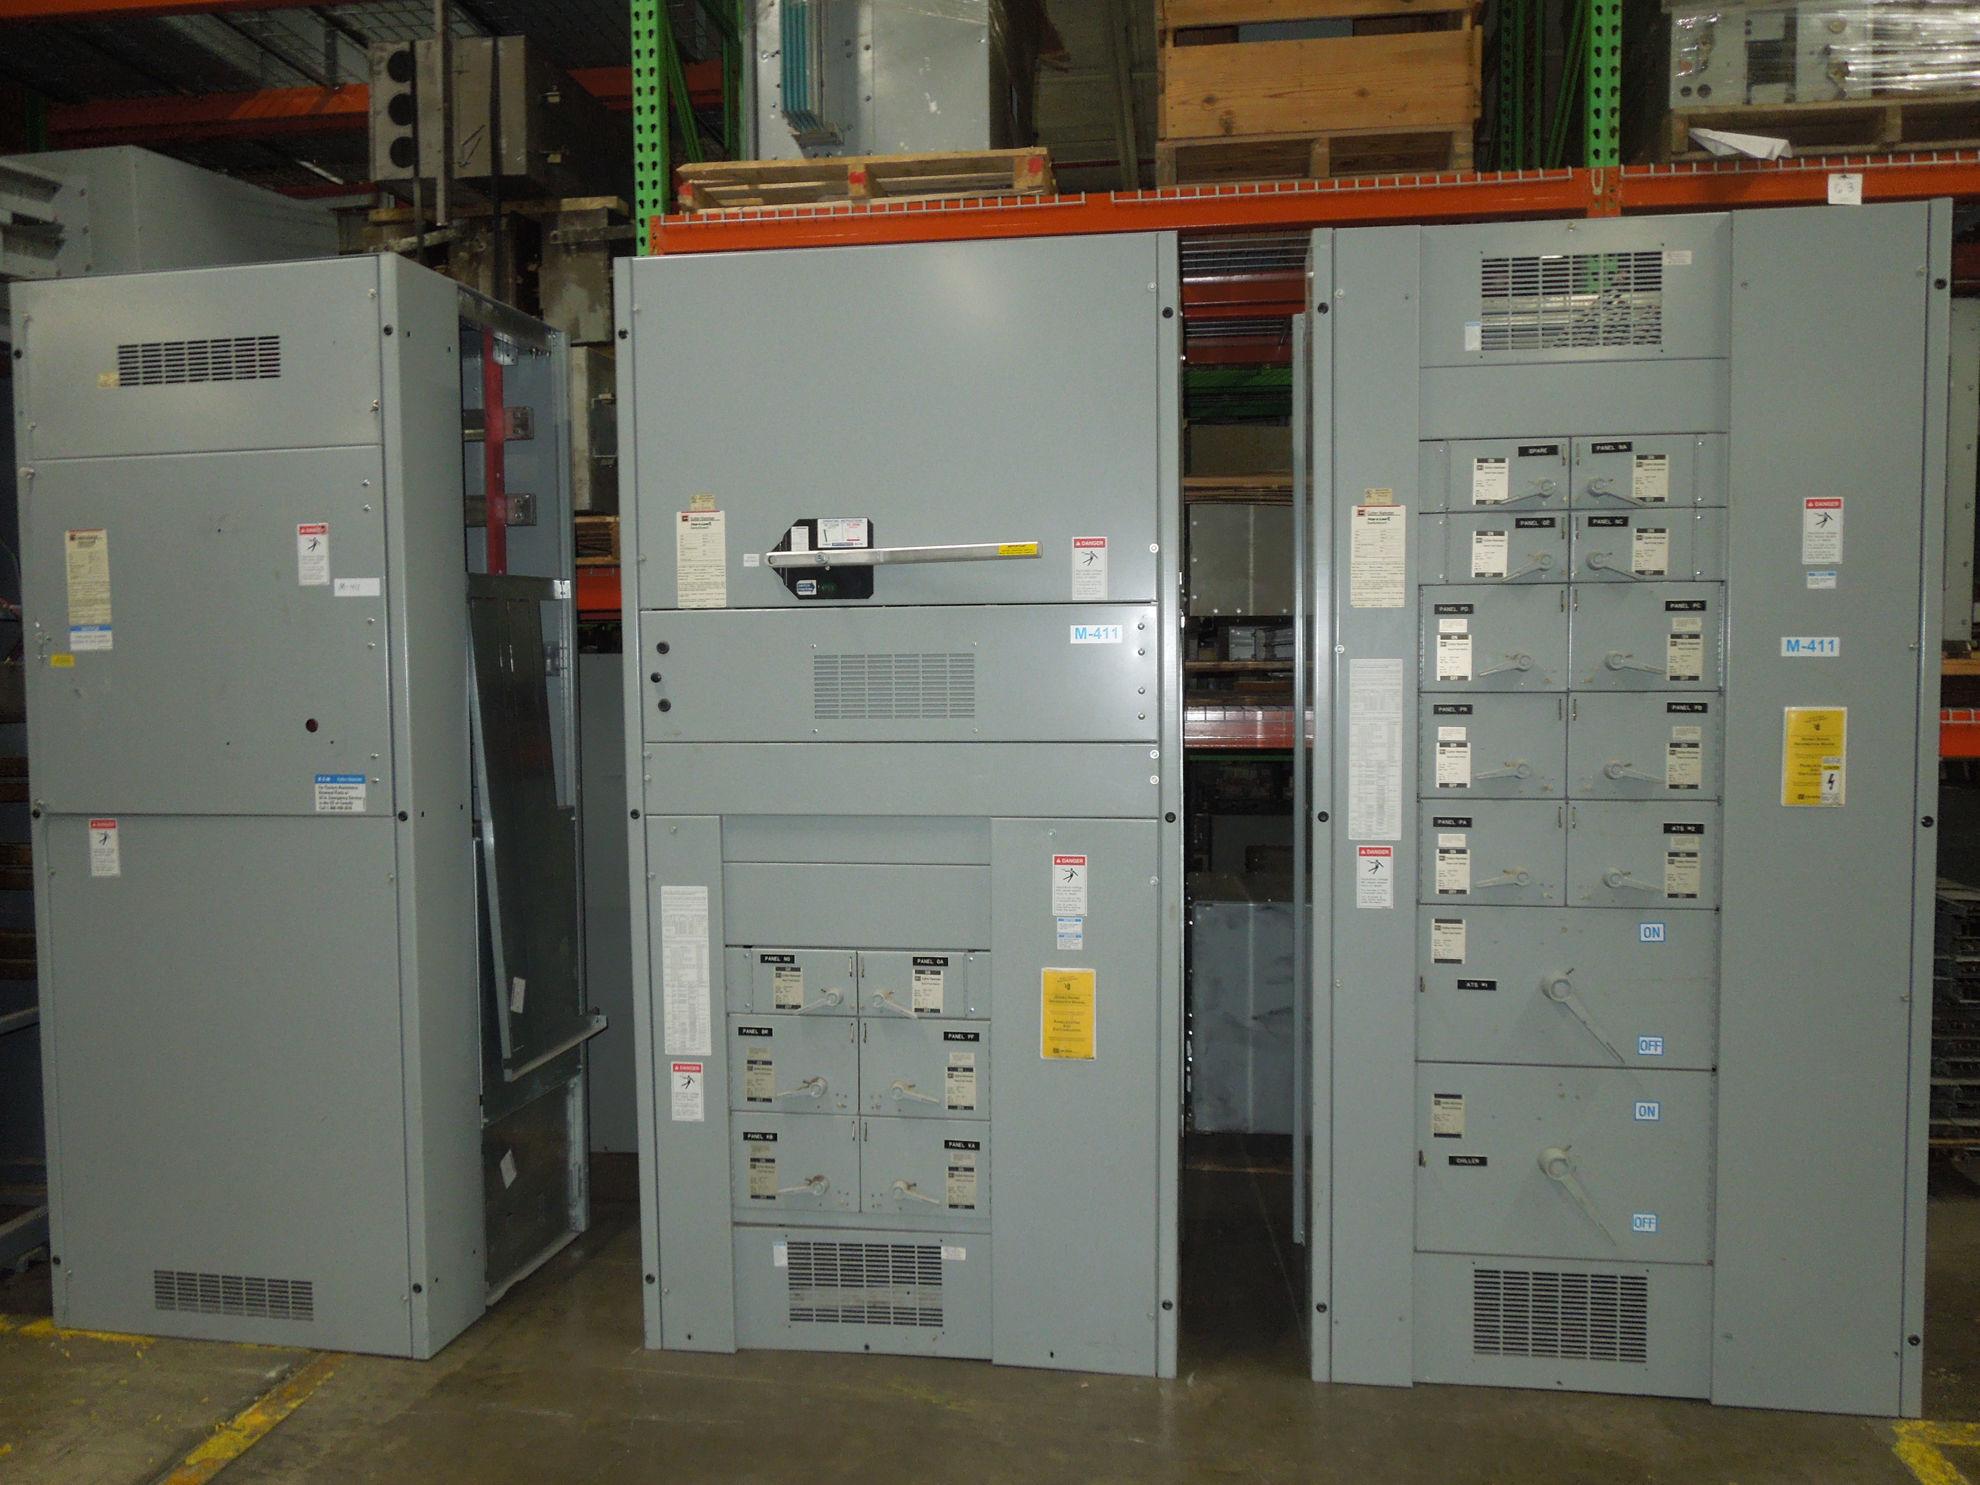 Picture of CH POW-R-LINE Switchboard 2000 Amp Fusible Main 480 Volt W/ No GF NEMA 1